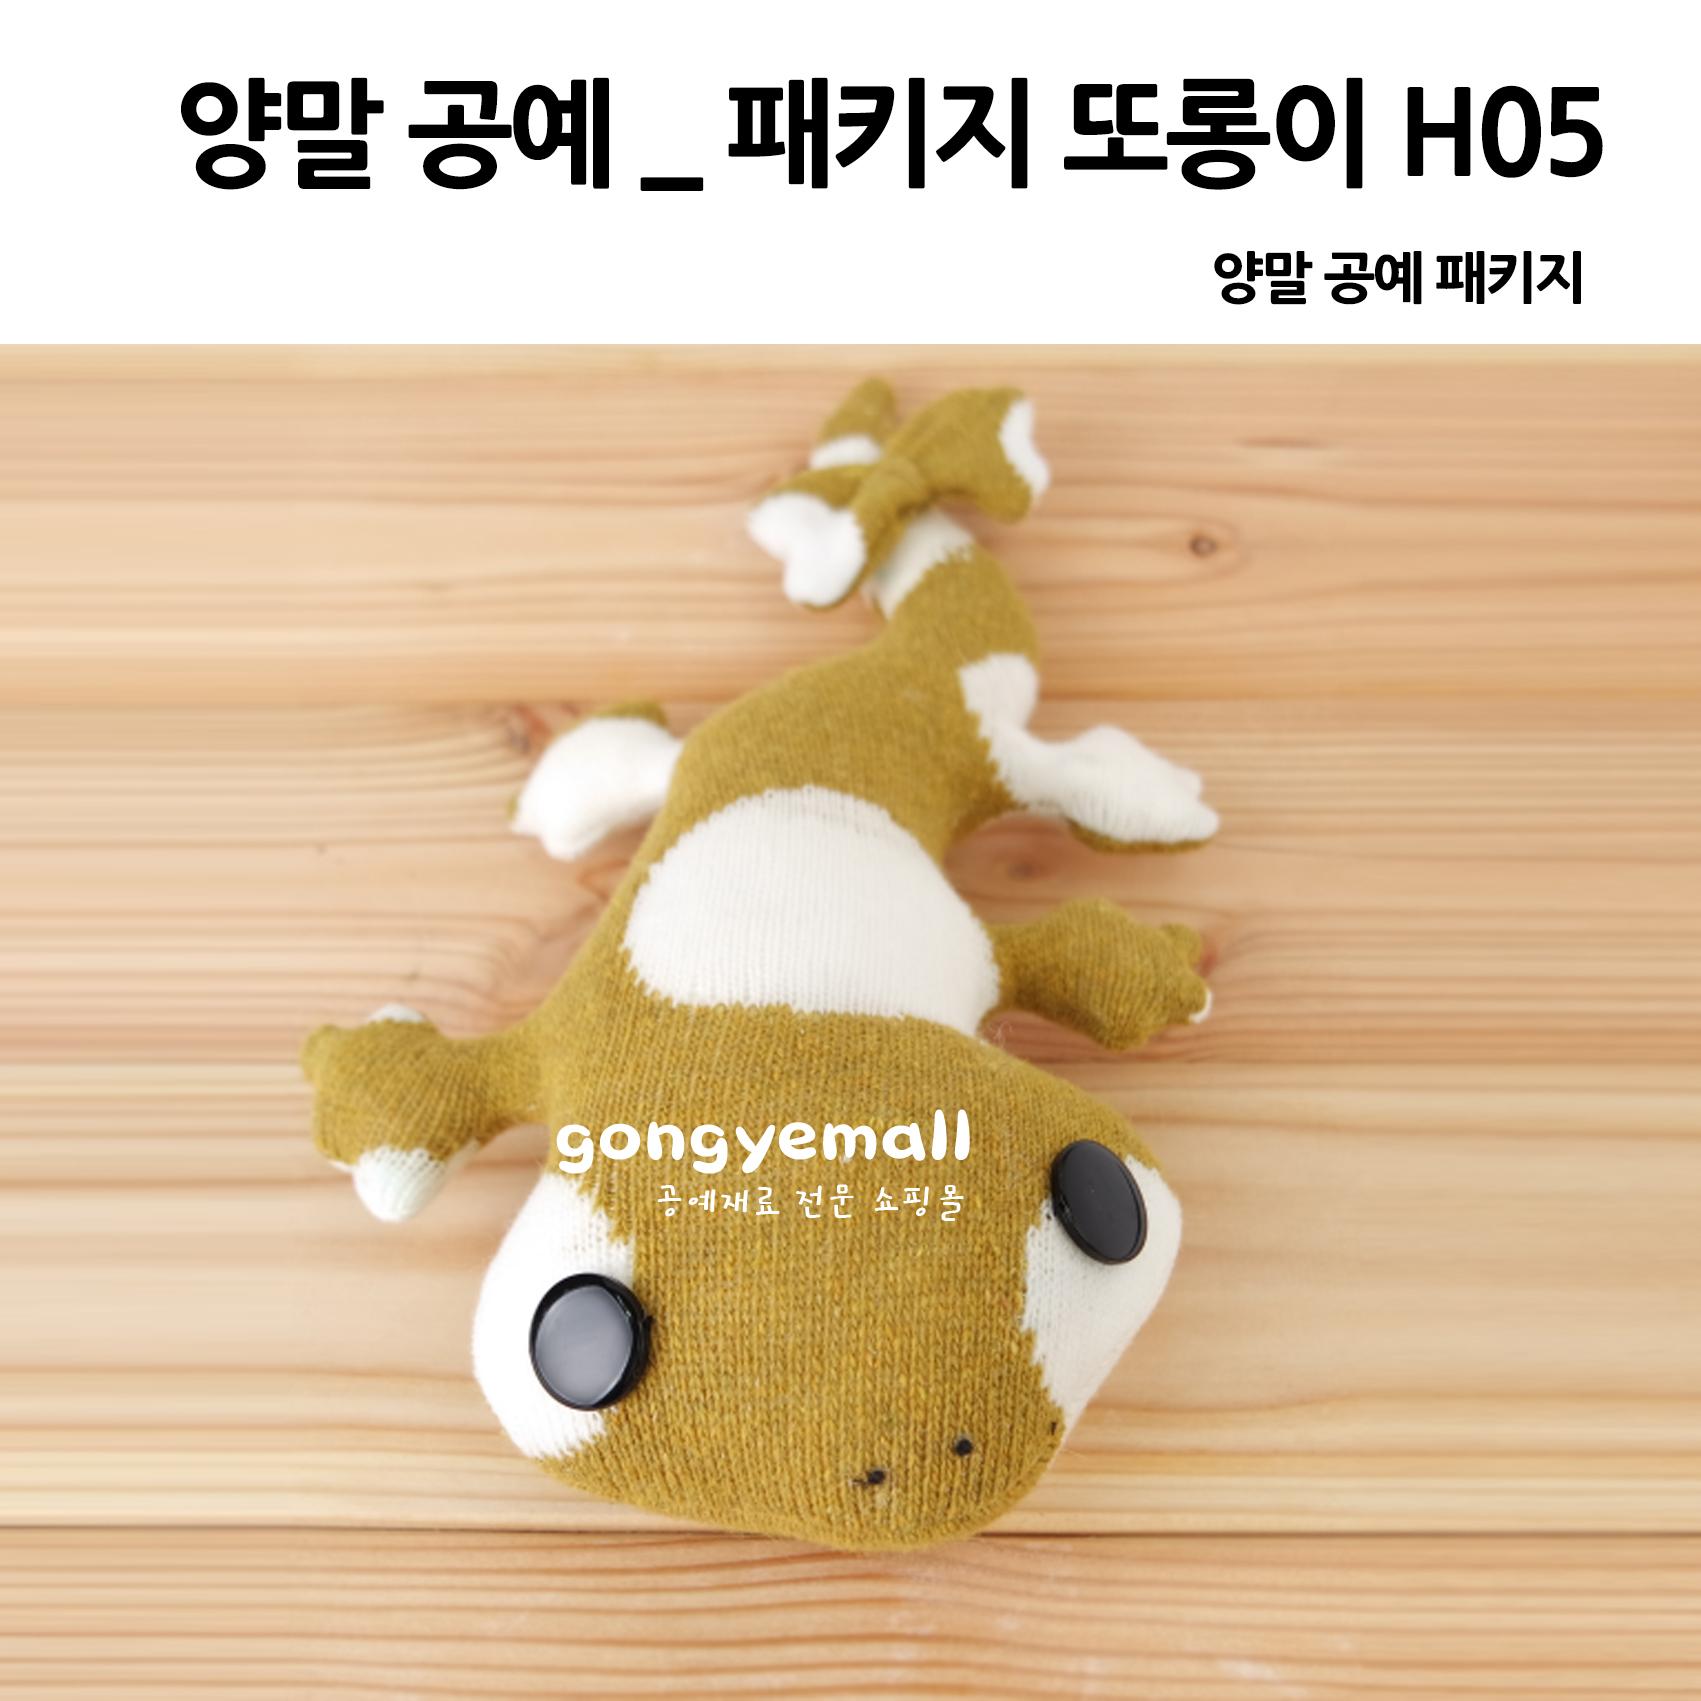 [양말공예]양말 DIY 패키지 또롱이 H05